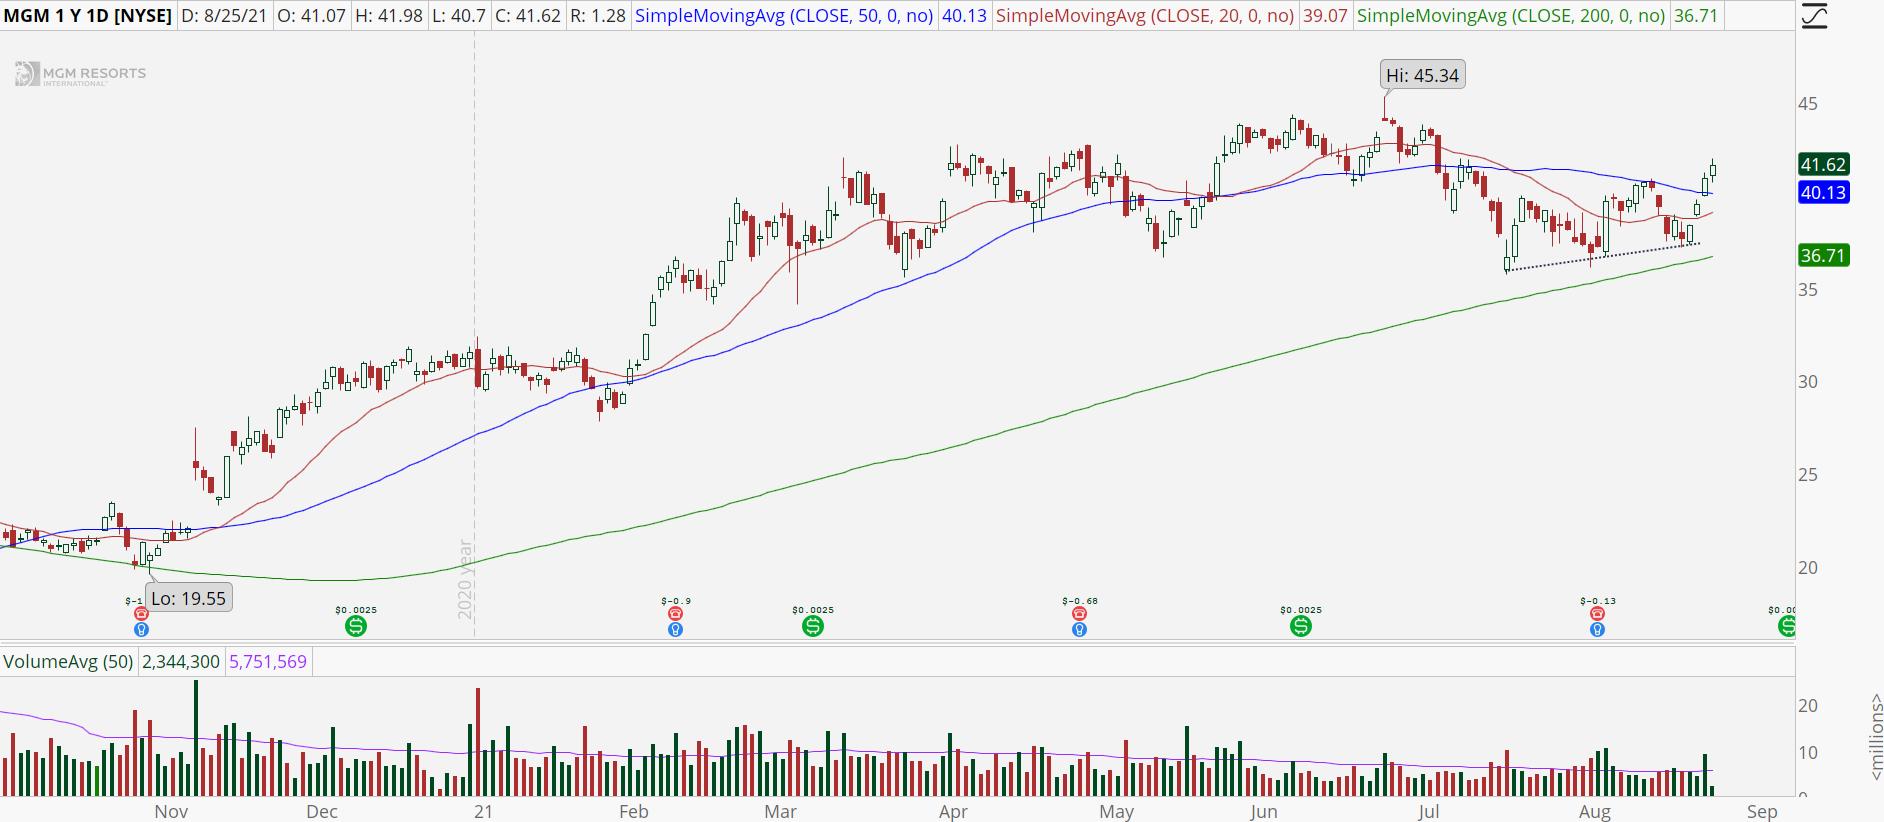 MGM Resorts (MGM) stock chart with bullish breakout.